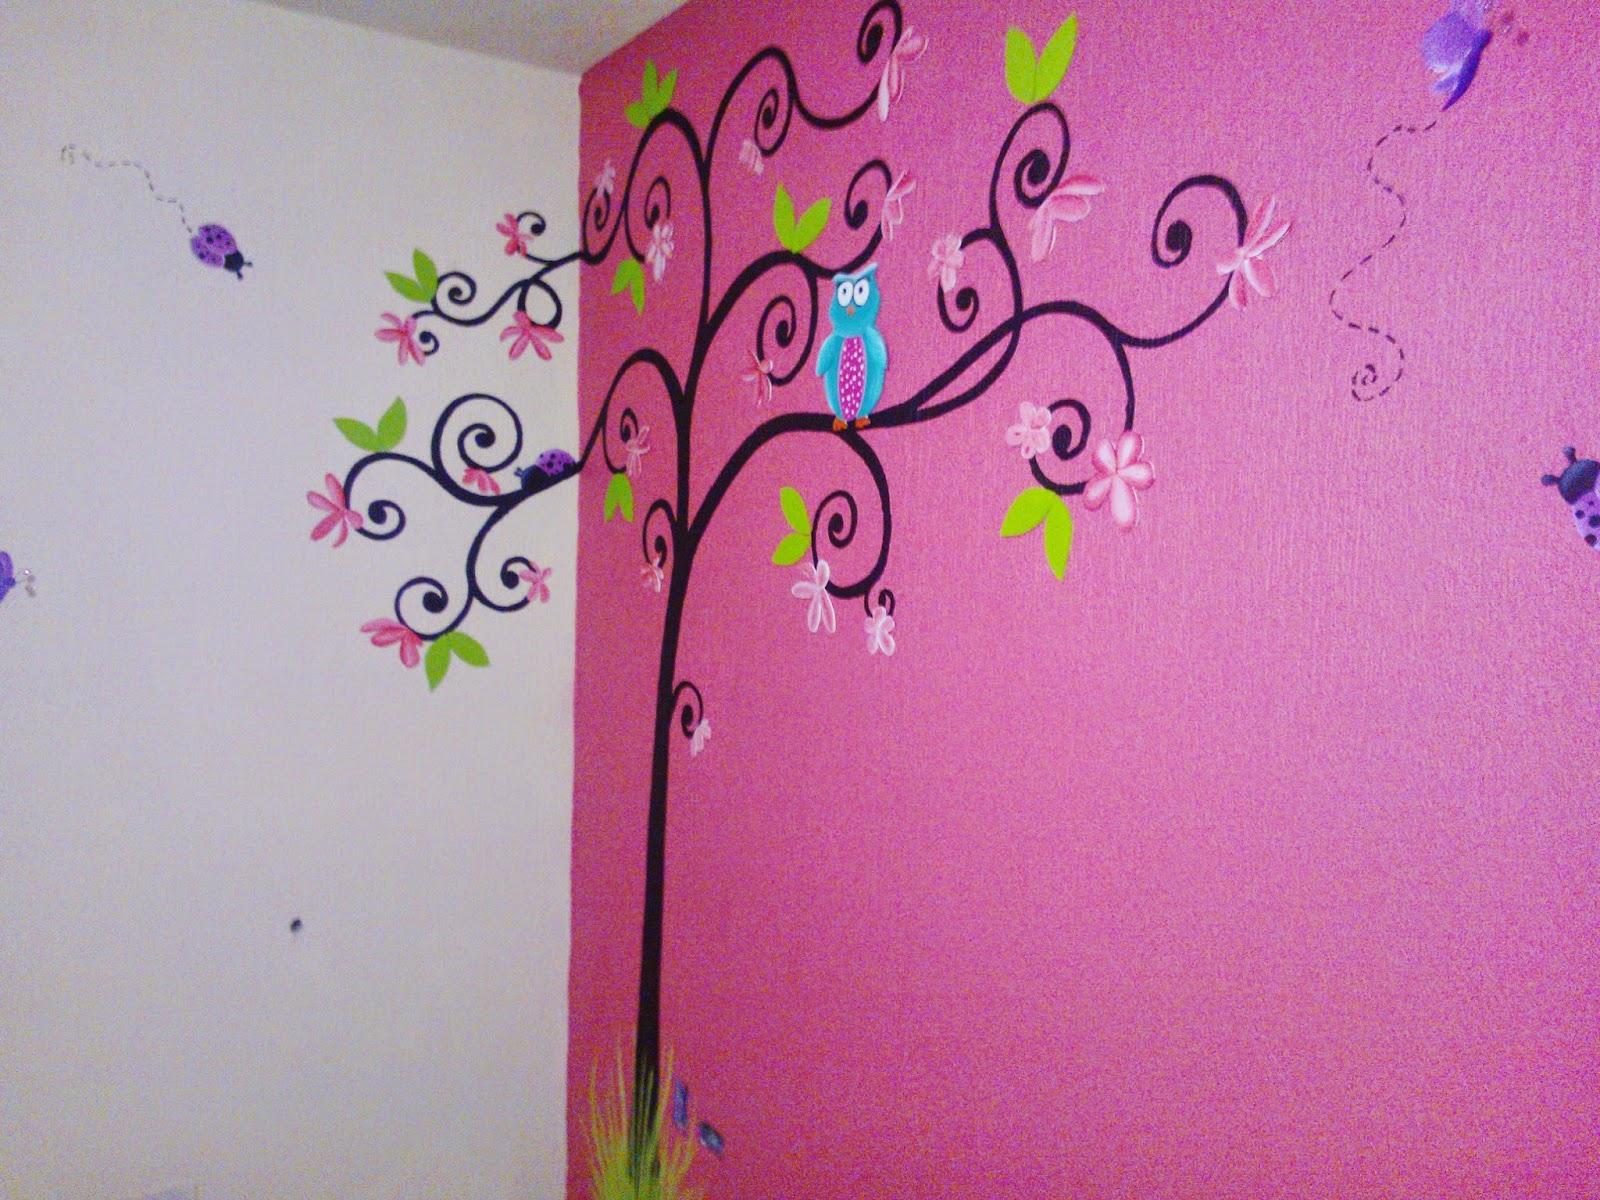 Murales infantiles 01 24 15 for Murales infantiles nina